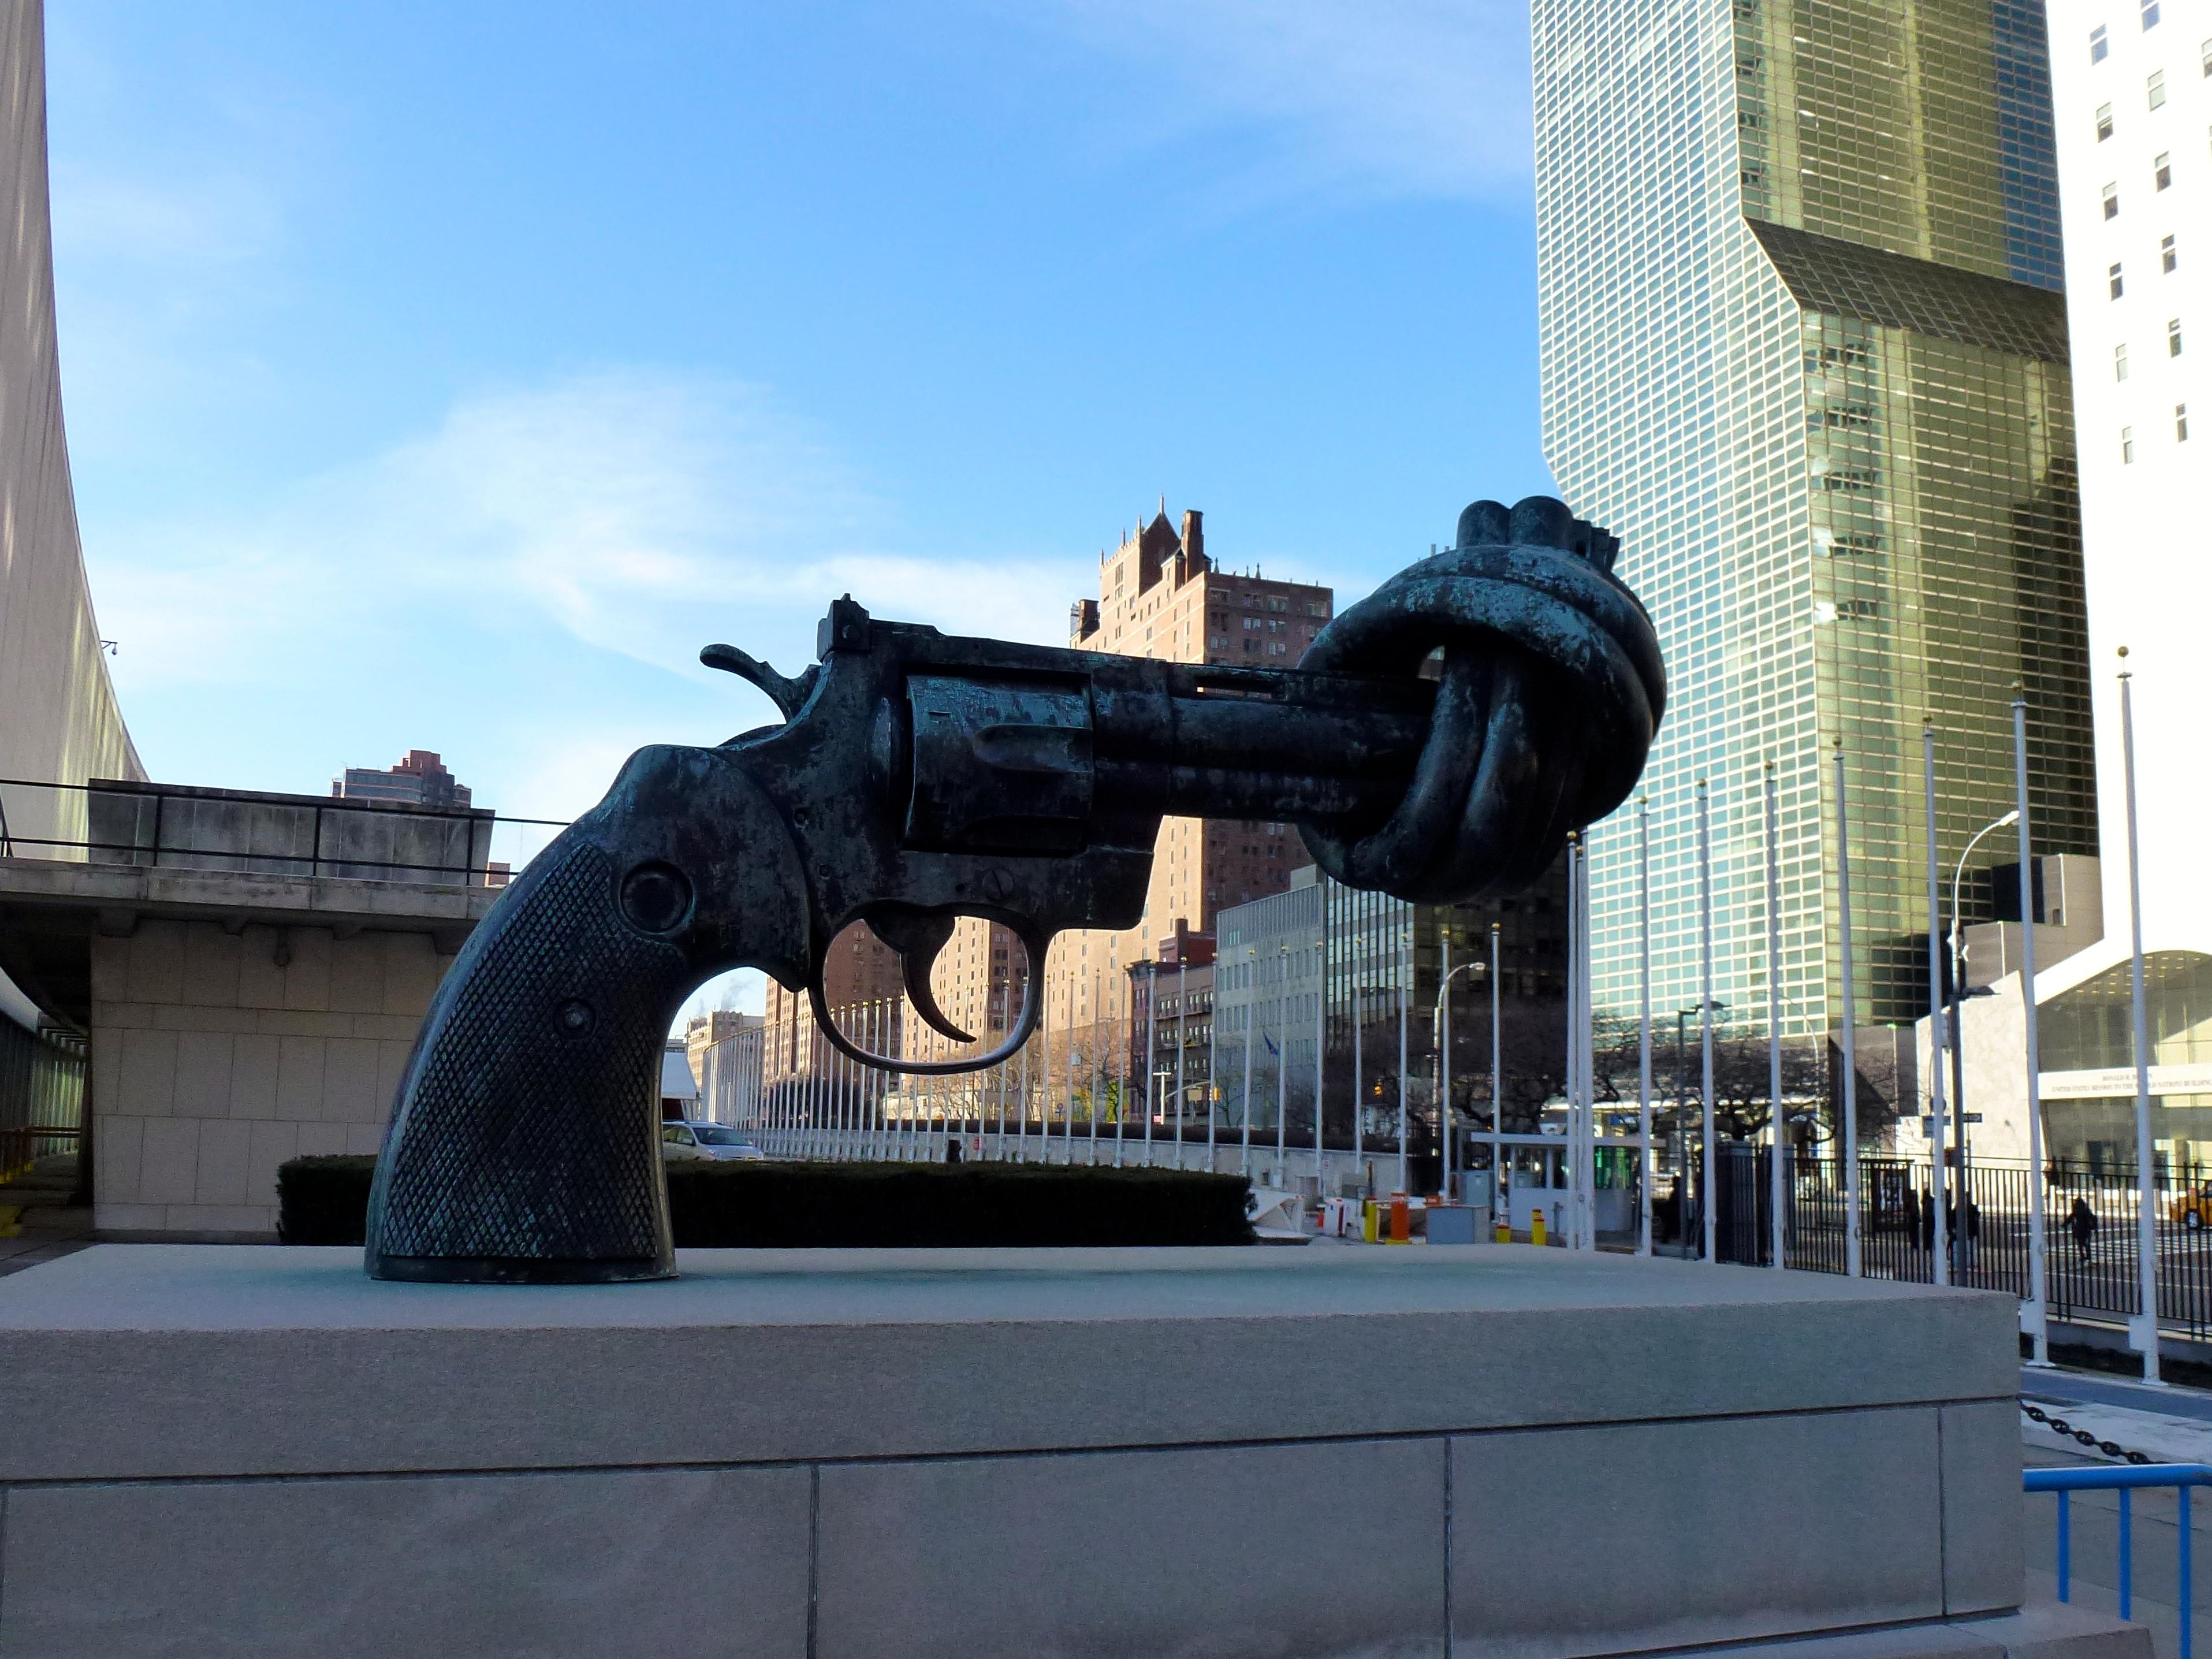 Non-Violence (sculpture) - Wikipedia